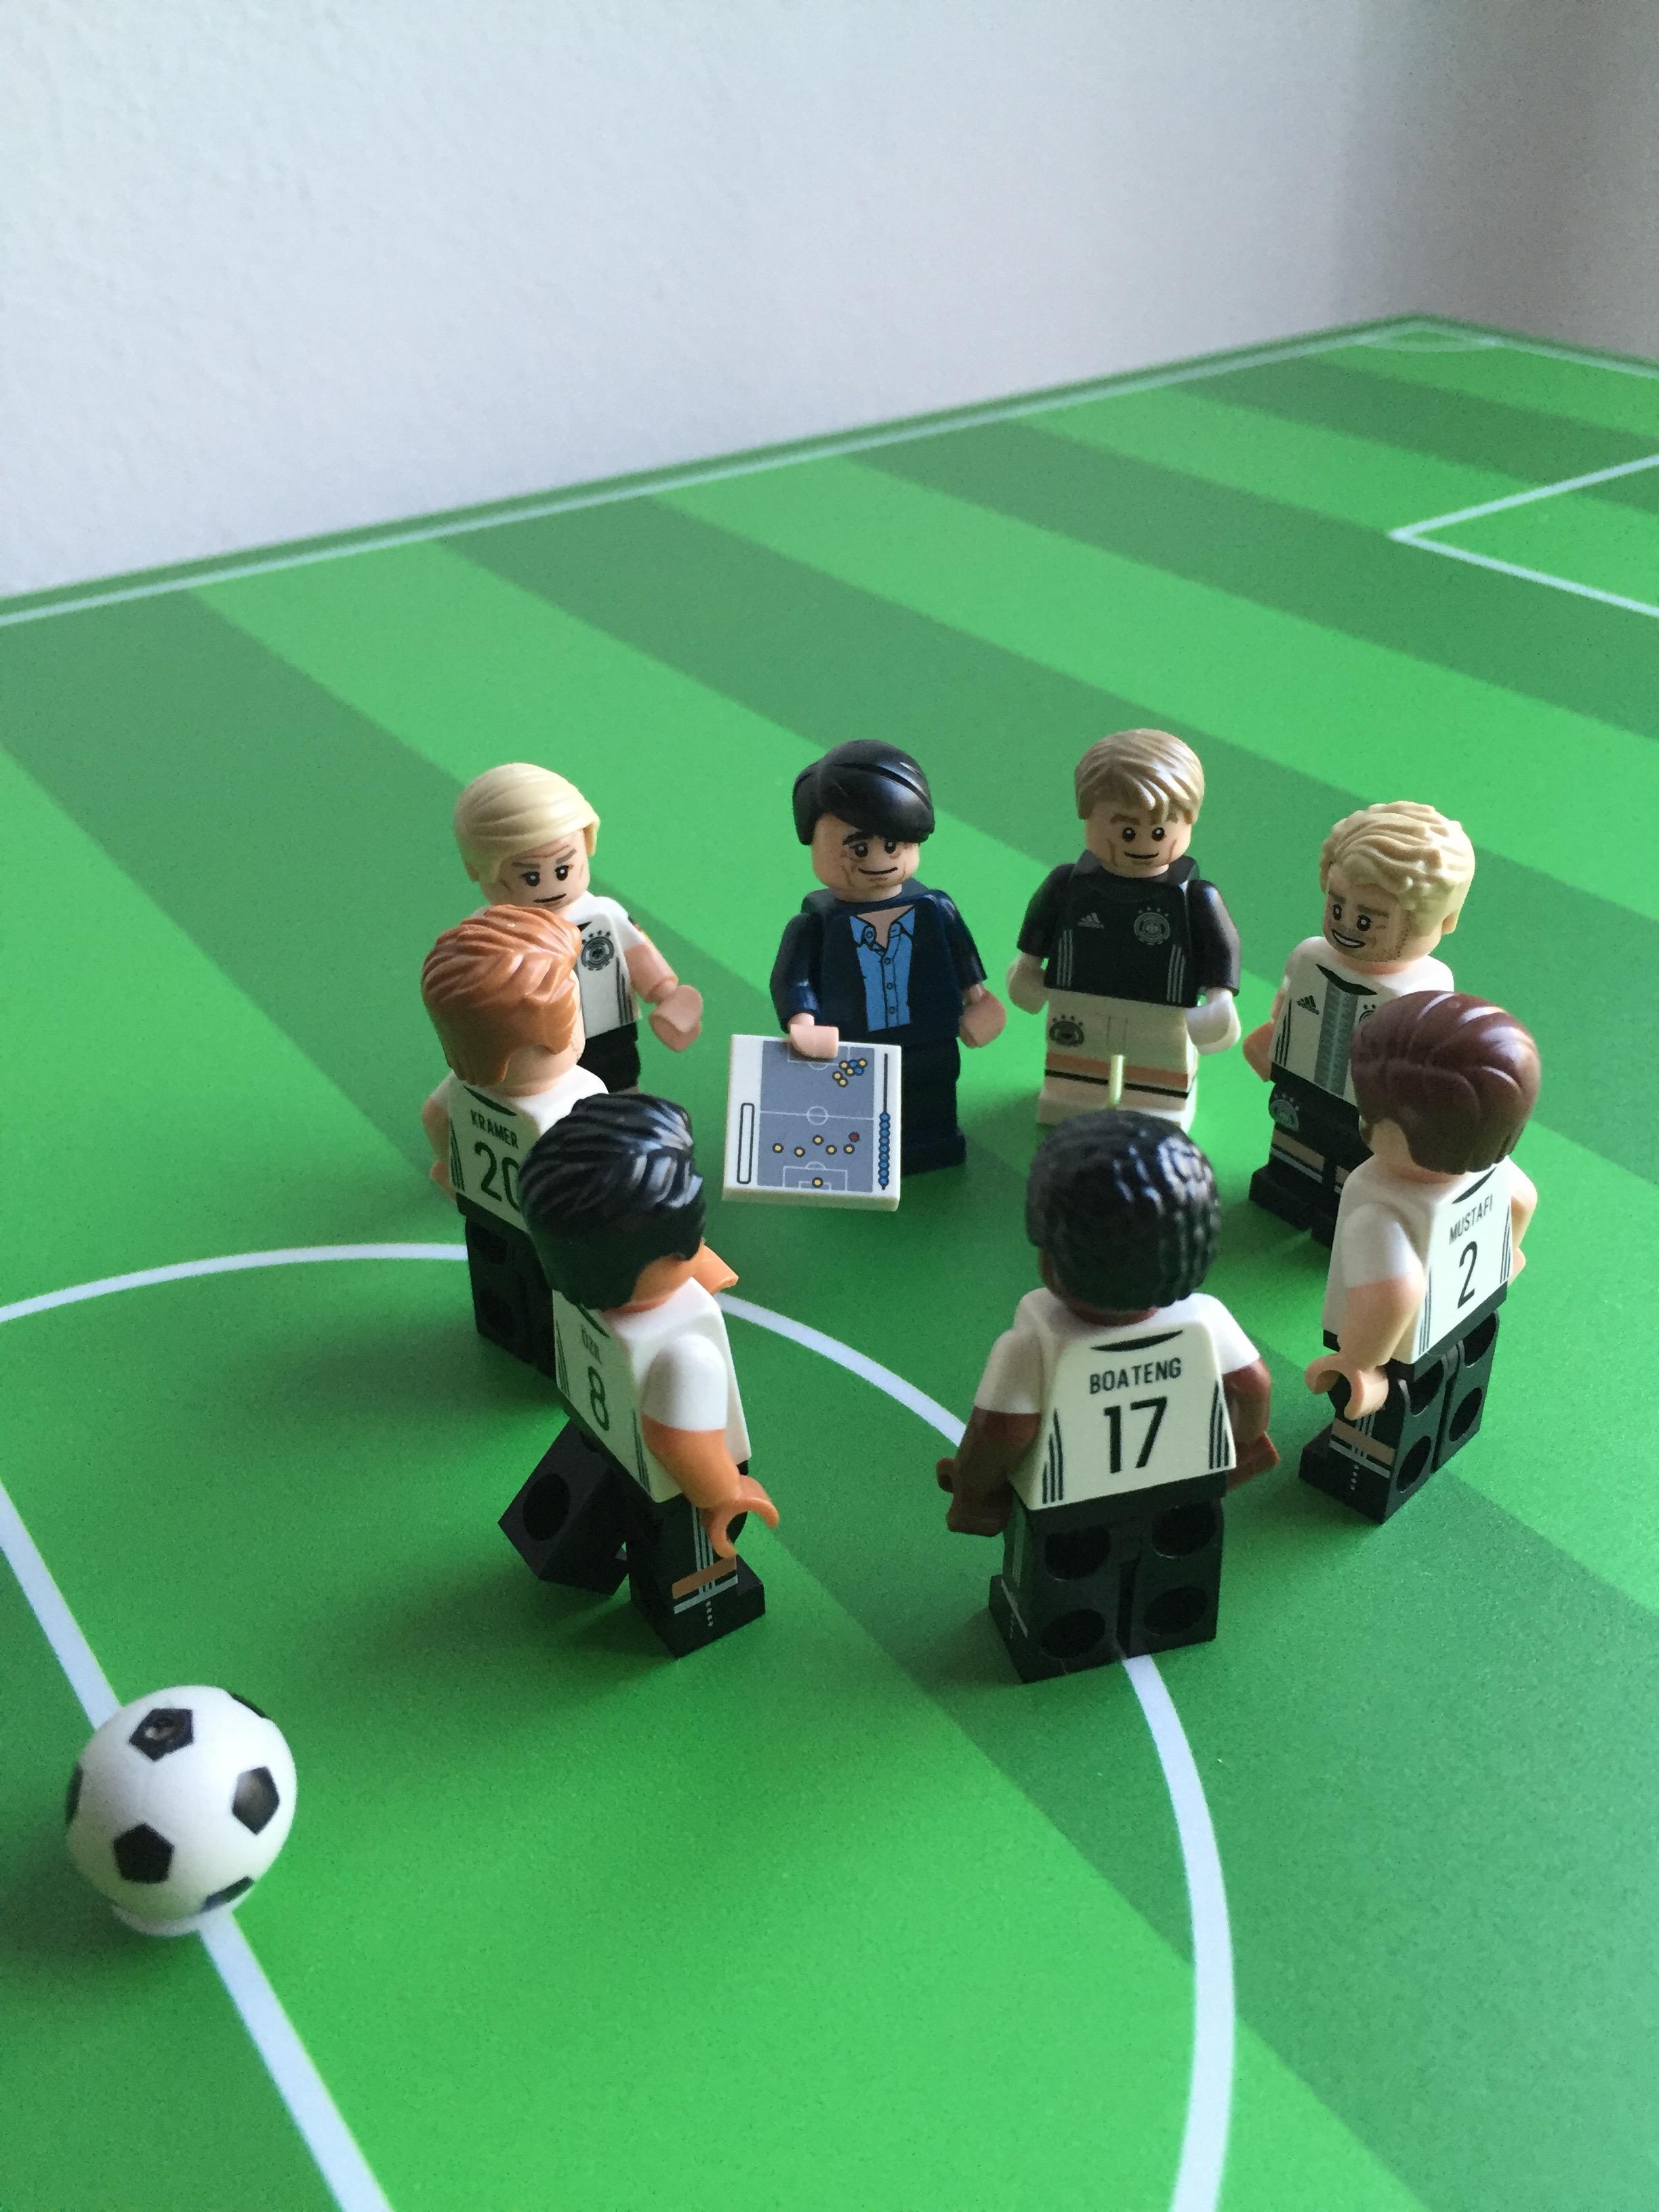 Ikea Lack Couchtisch Fußballfeld grün 78x118 Teilansicht Spielbeginn